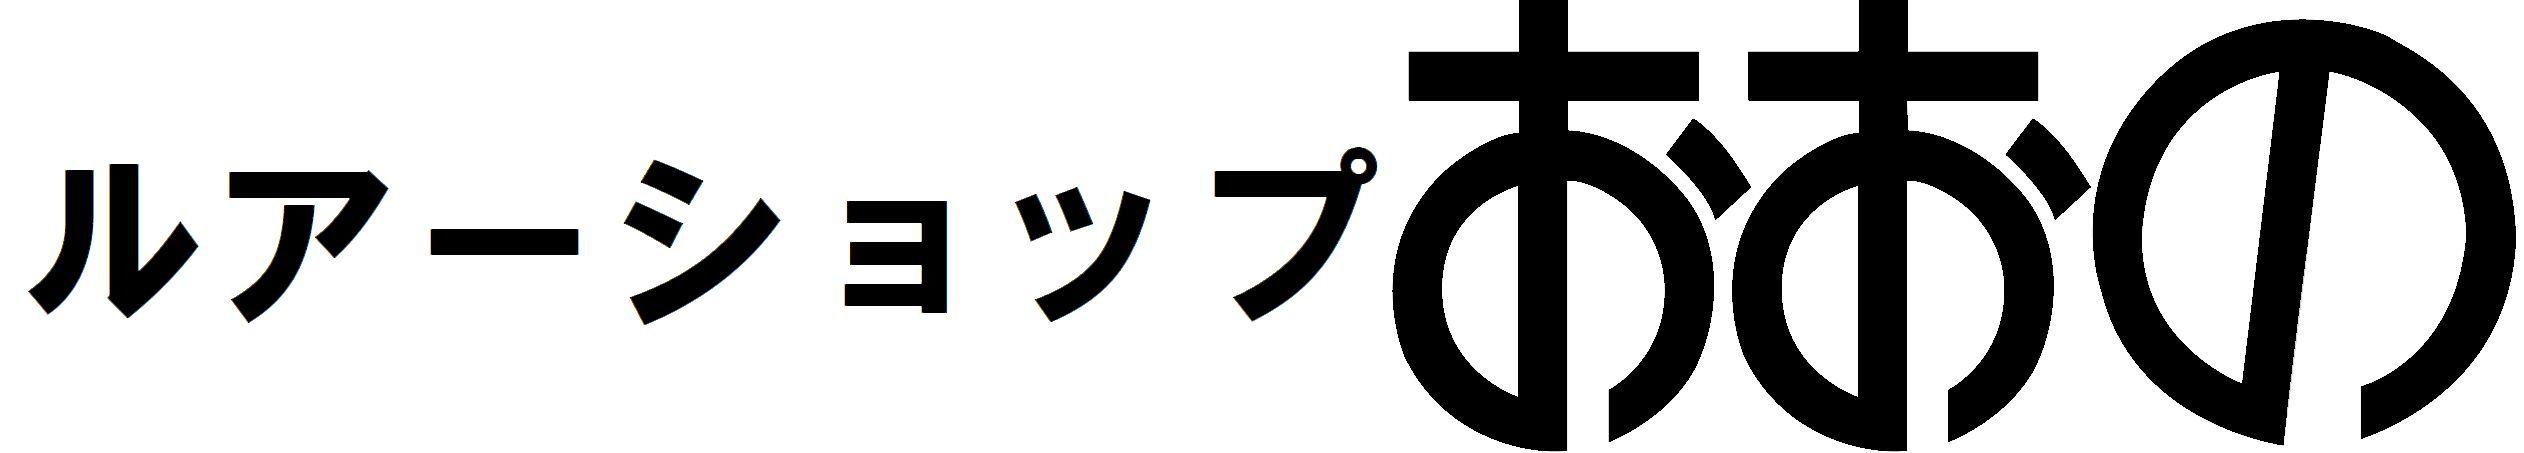 [雷魚]ラッティーツイスター 2017年ルアーショップおおの特注カラー入荷。_a0153216_11322701.jpg